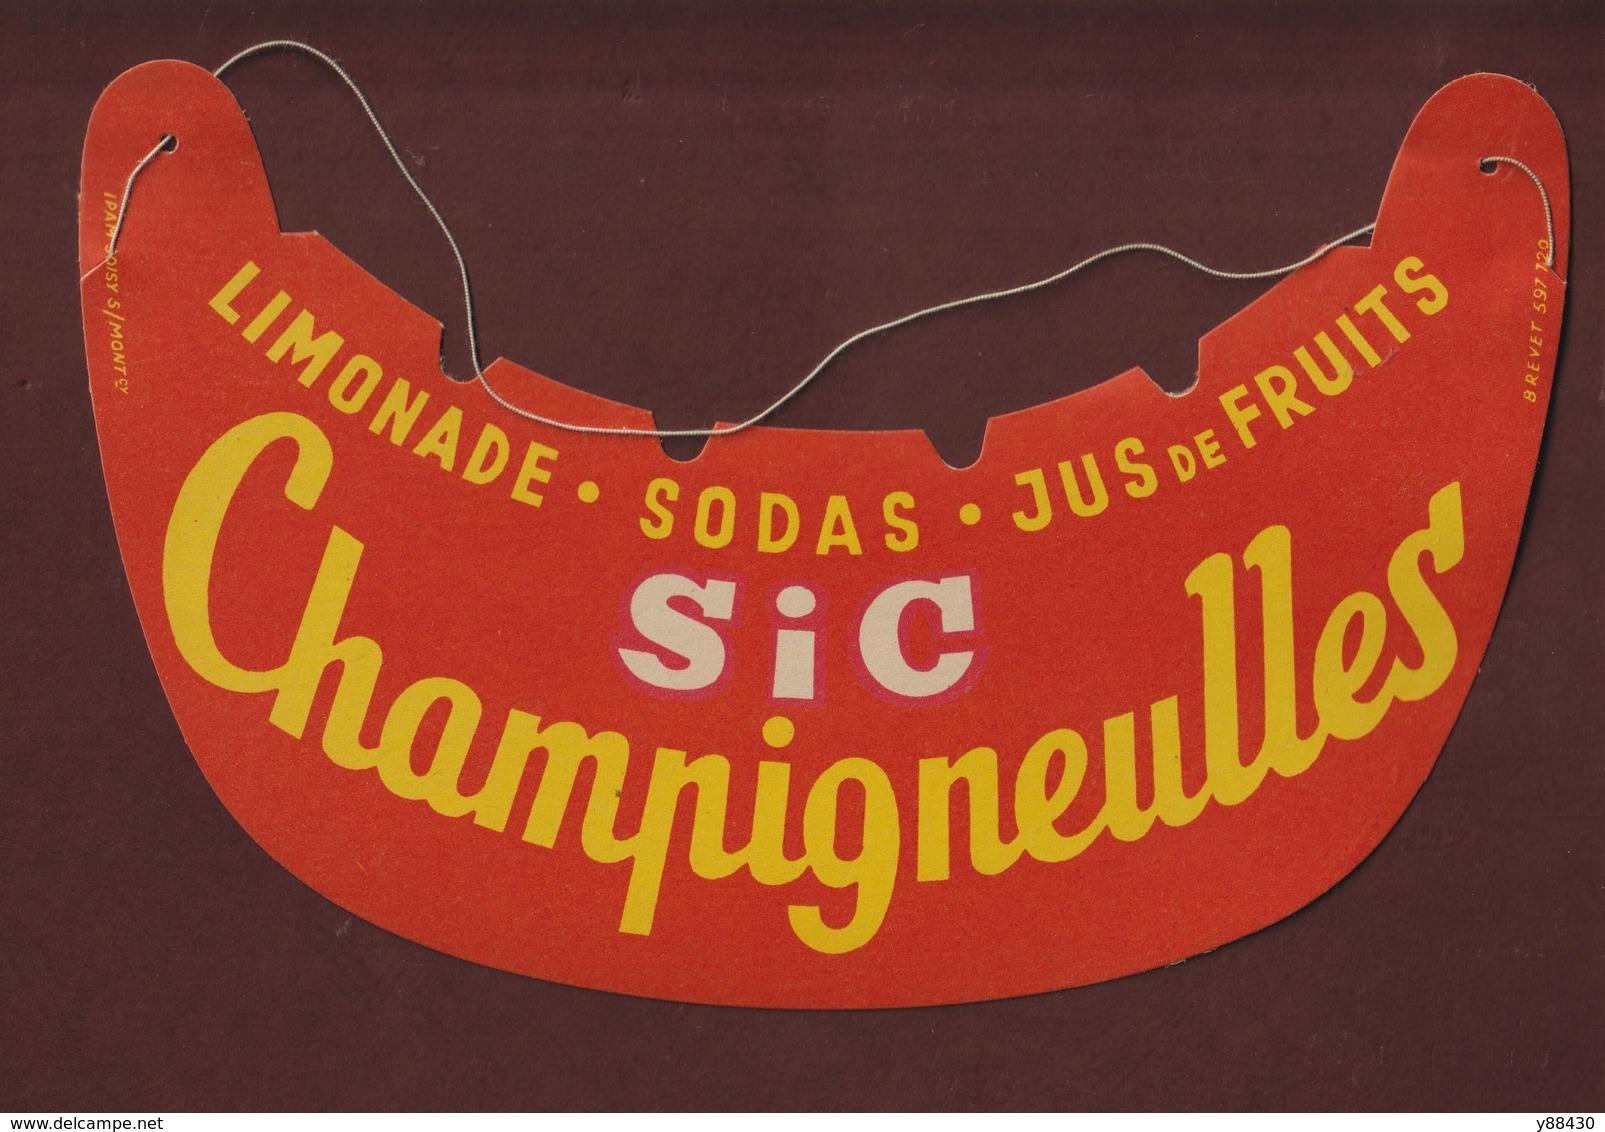 Visière Pare Soleil - Tour De France Cycliste - Année 1950/60 - CHAMPIGNEULLES - SIC - Limonade. Sodas. Jus De Fruits - Casquettes & Bobs